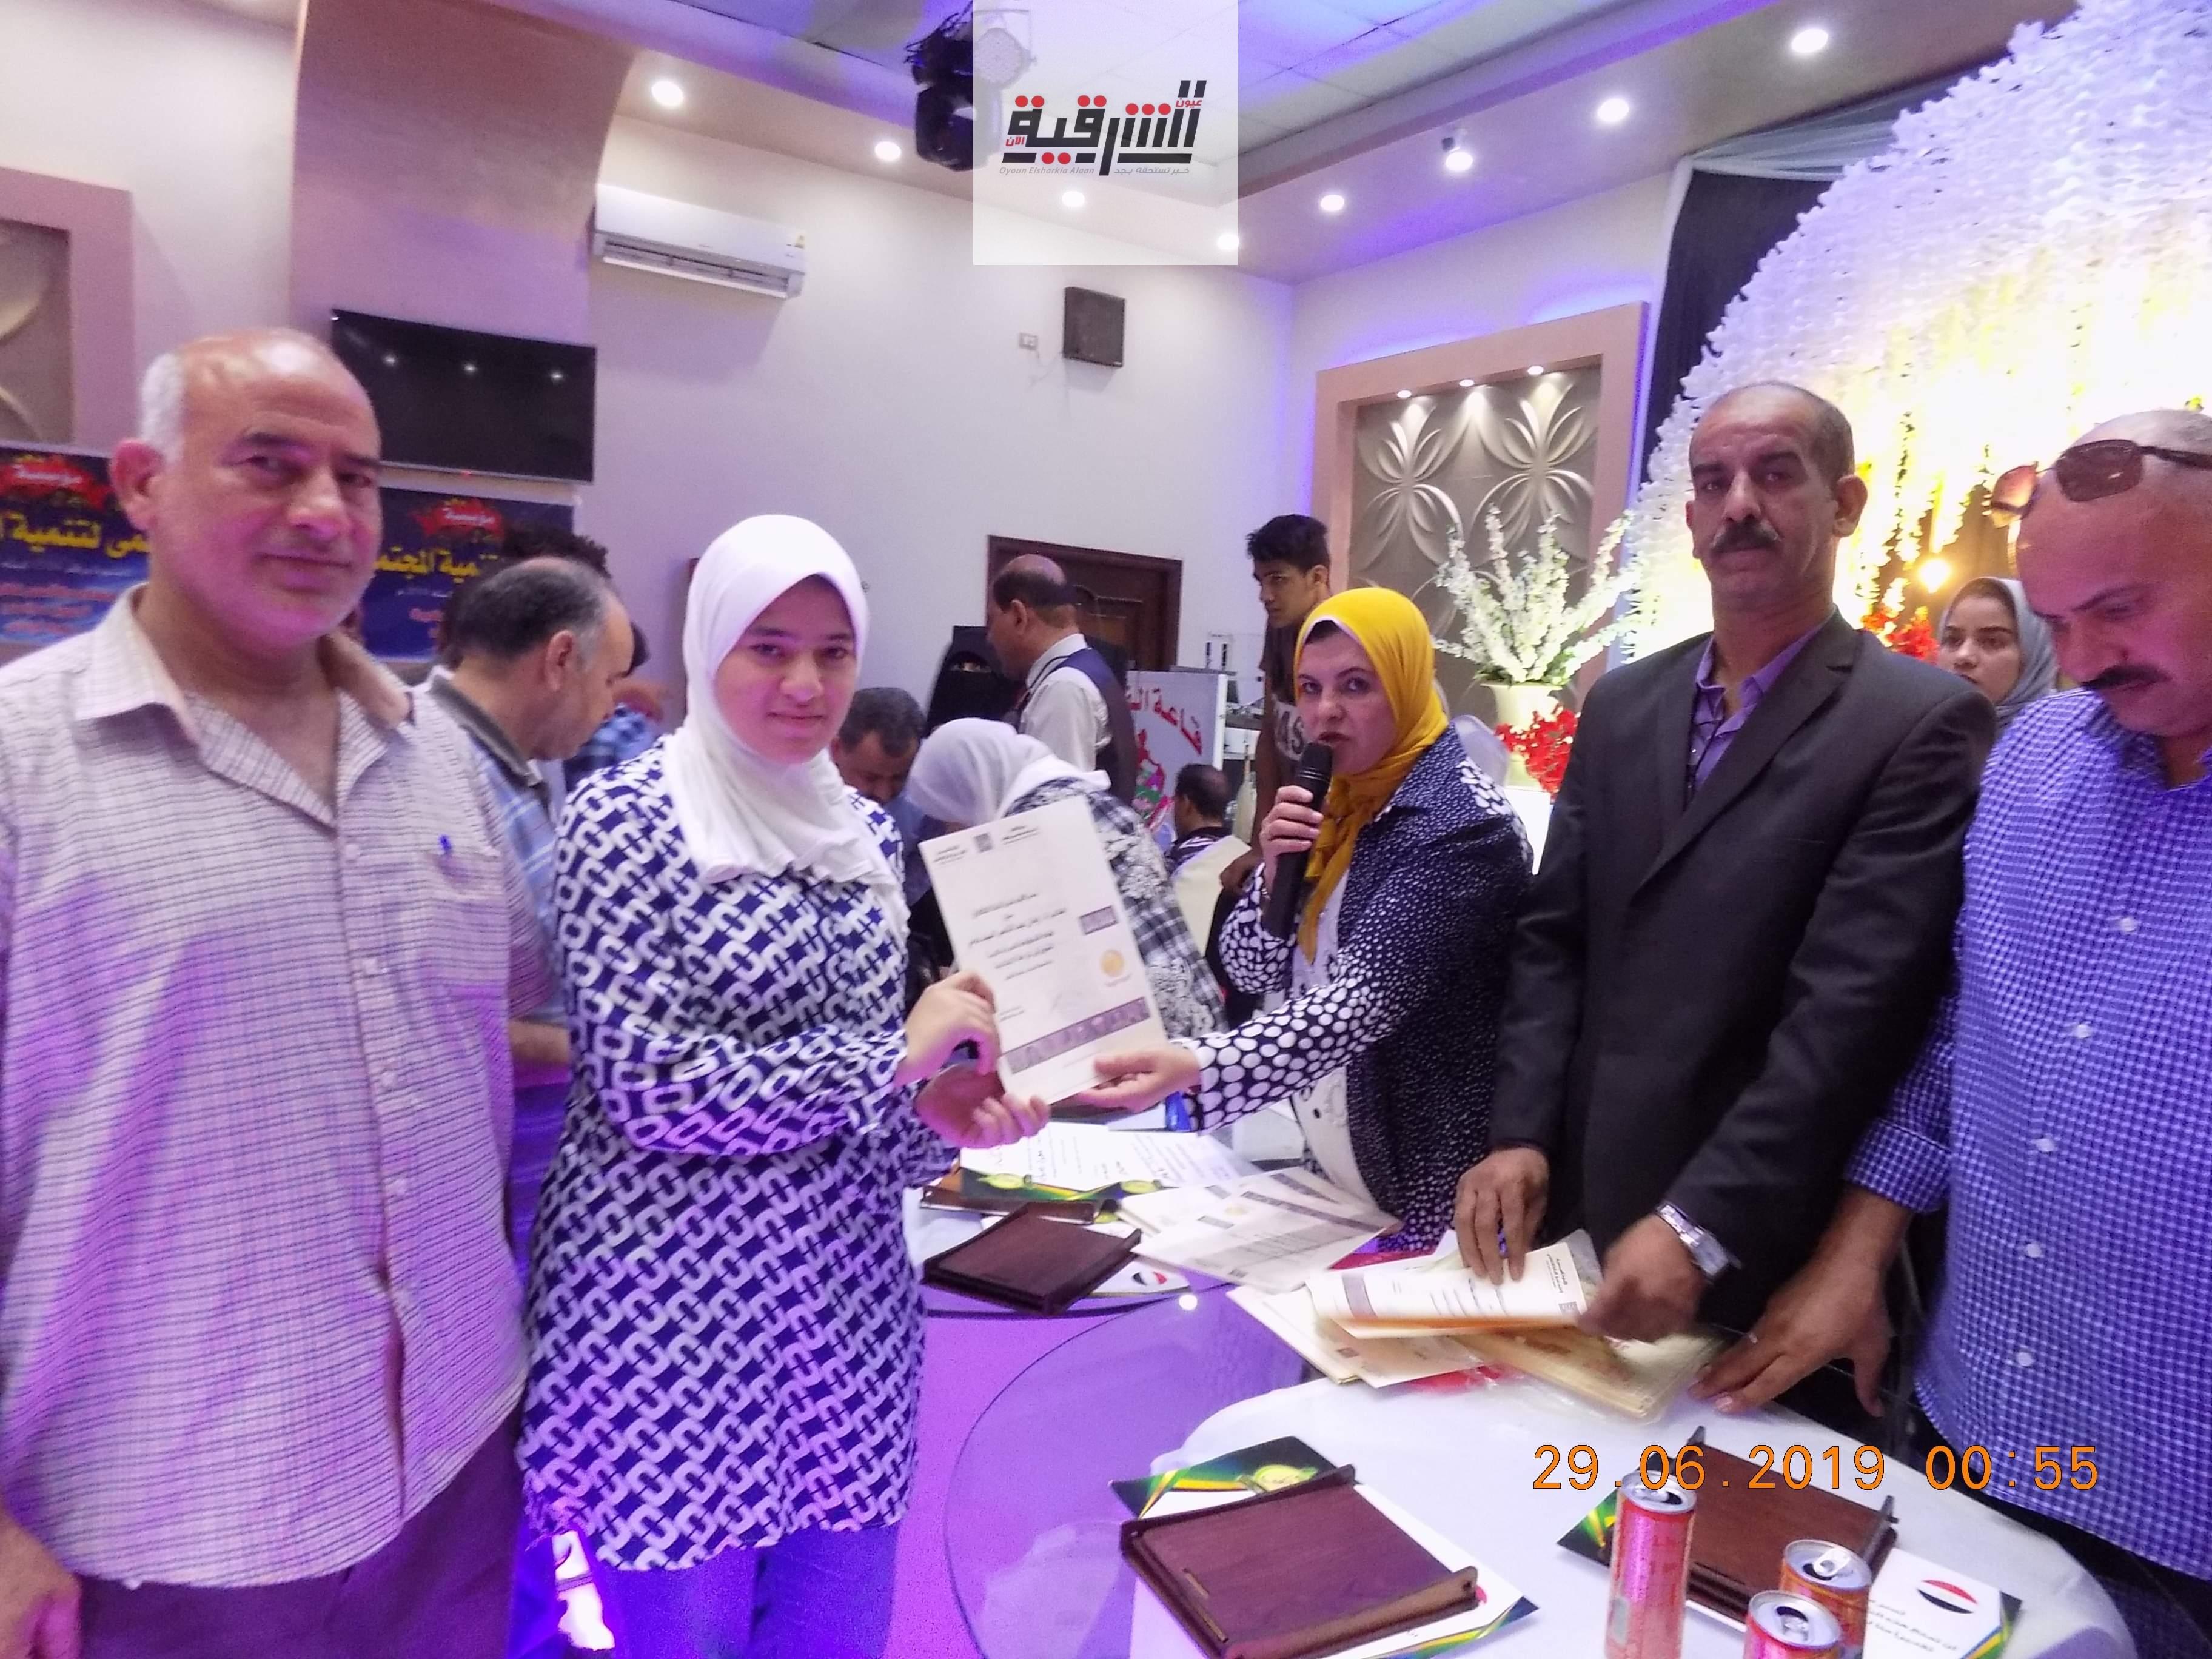 ثقافة أبوحماد والإدارة التعليمية ومؤسسة الفرح ومؤسسة حلمى يكرمون أوائل الإعدادية